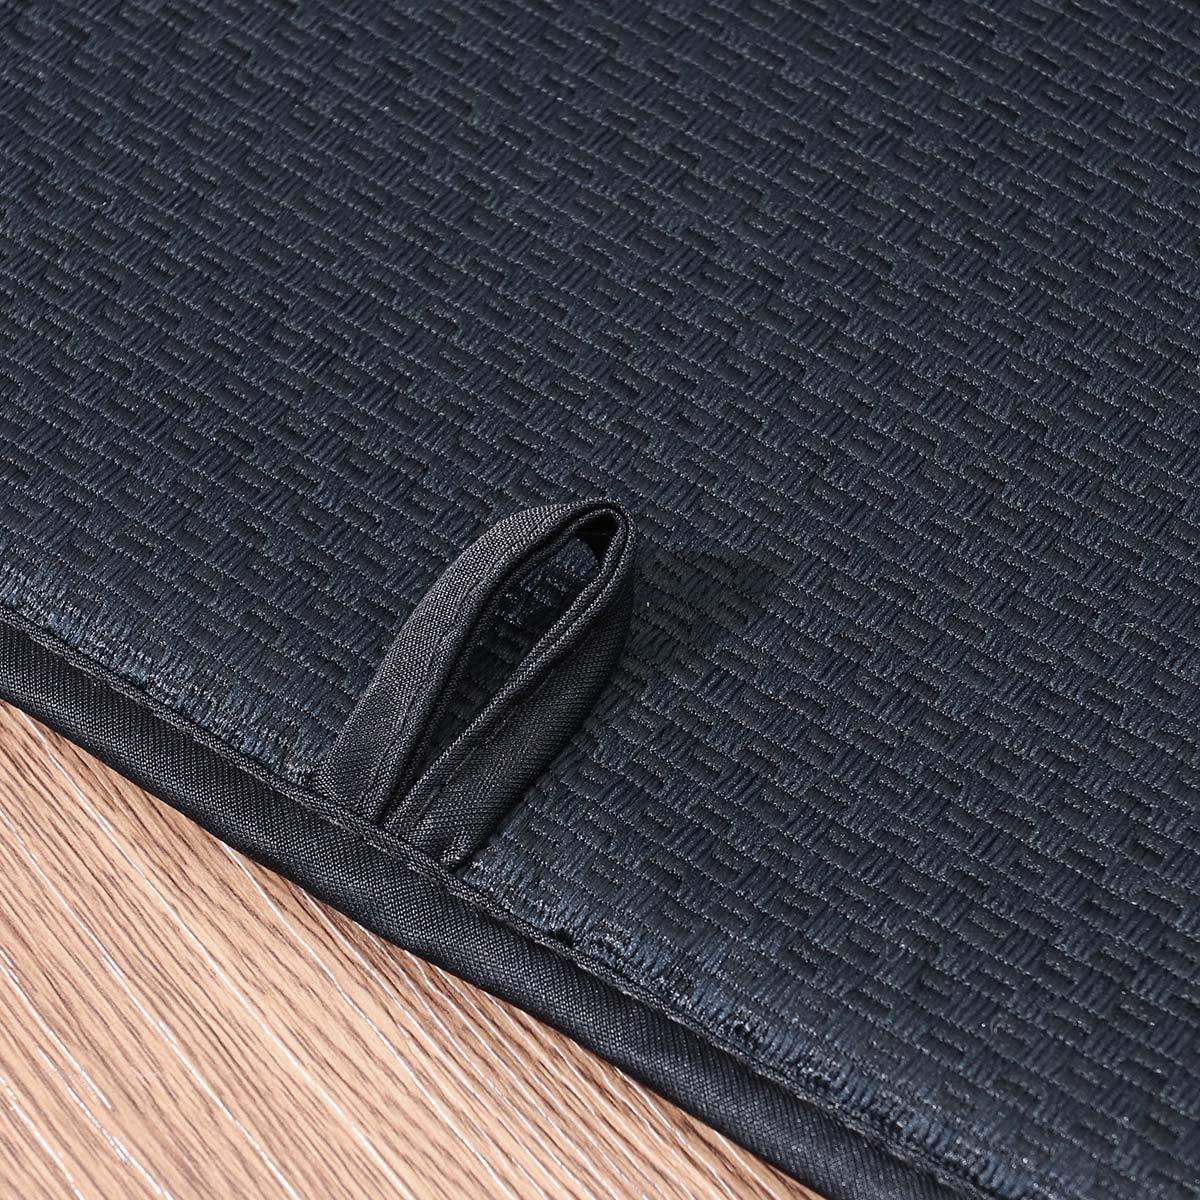 posavasos negro mesa BESTONZON Plato de secado Estera multiprop/ósito absorbente resistente al calor taza rectangular